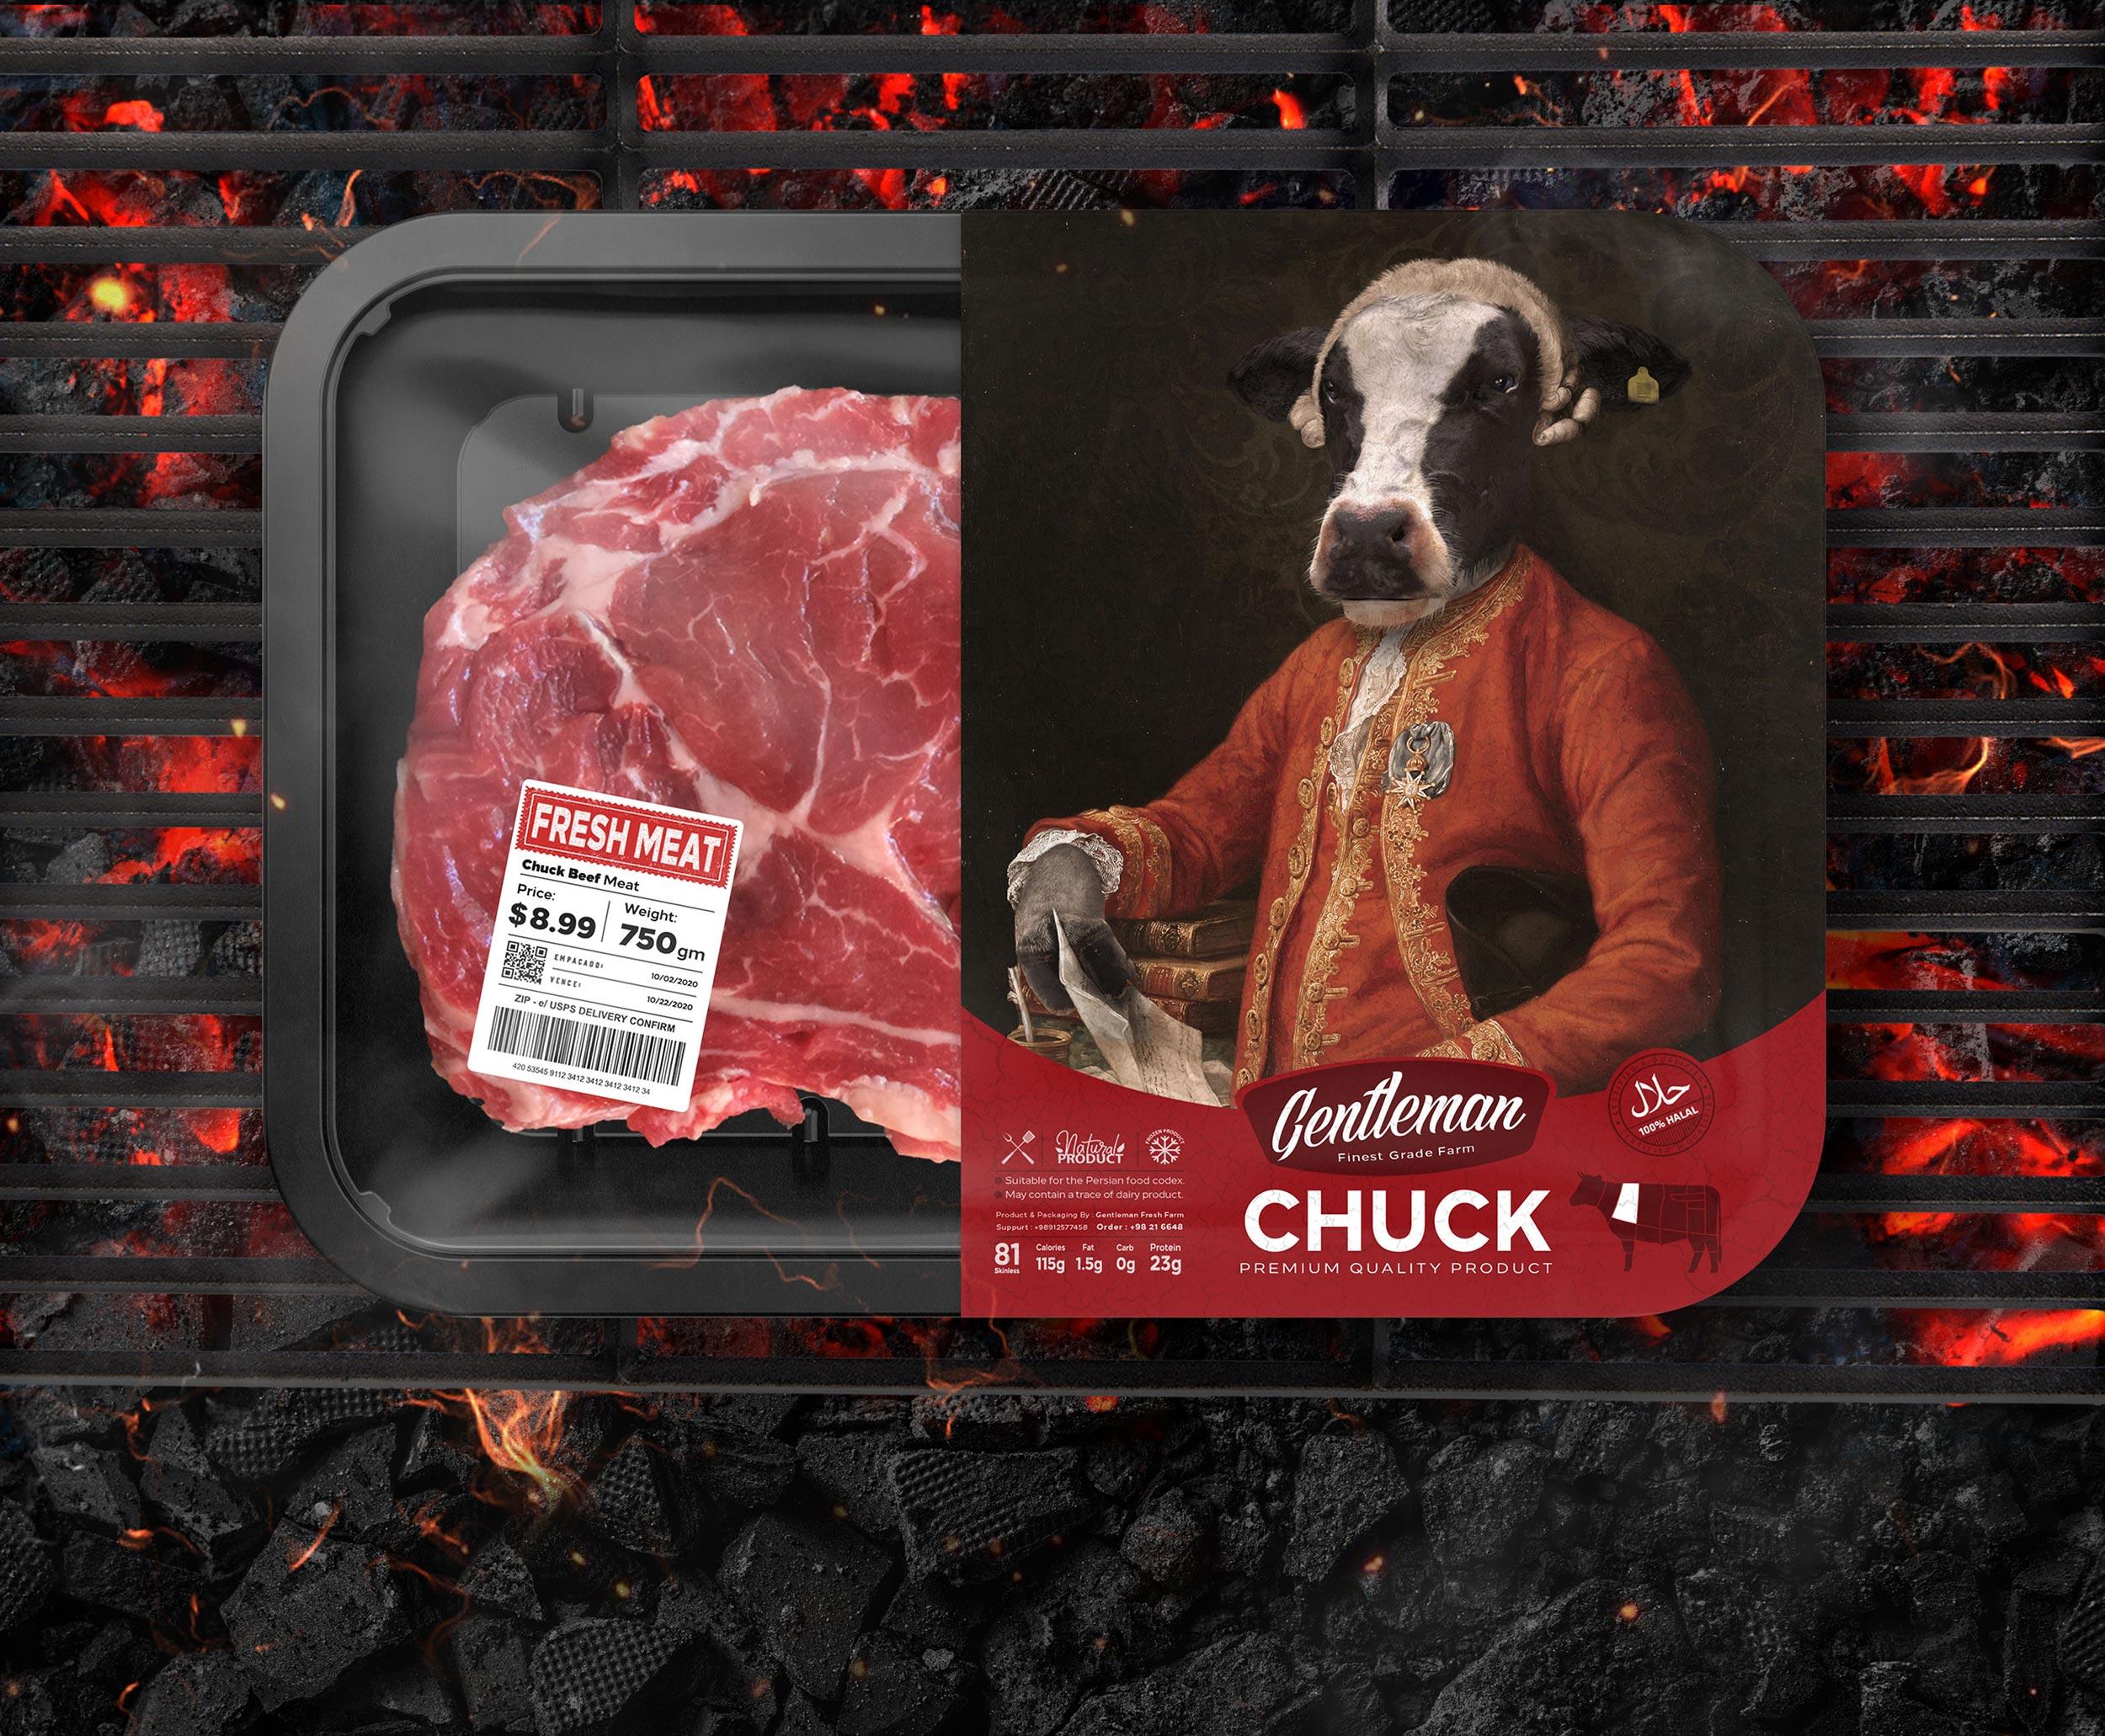 Gentleman Meat New Packaging Designed by Studio Metis